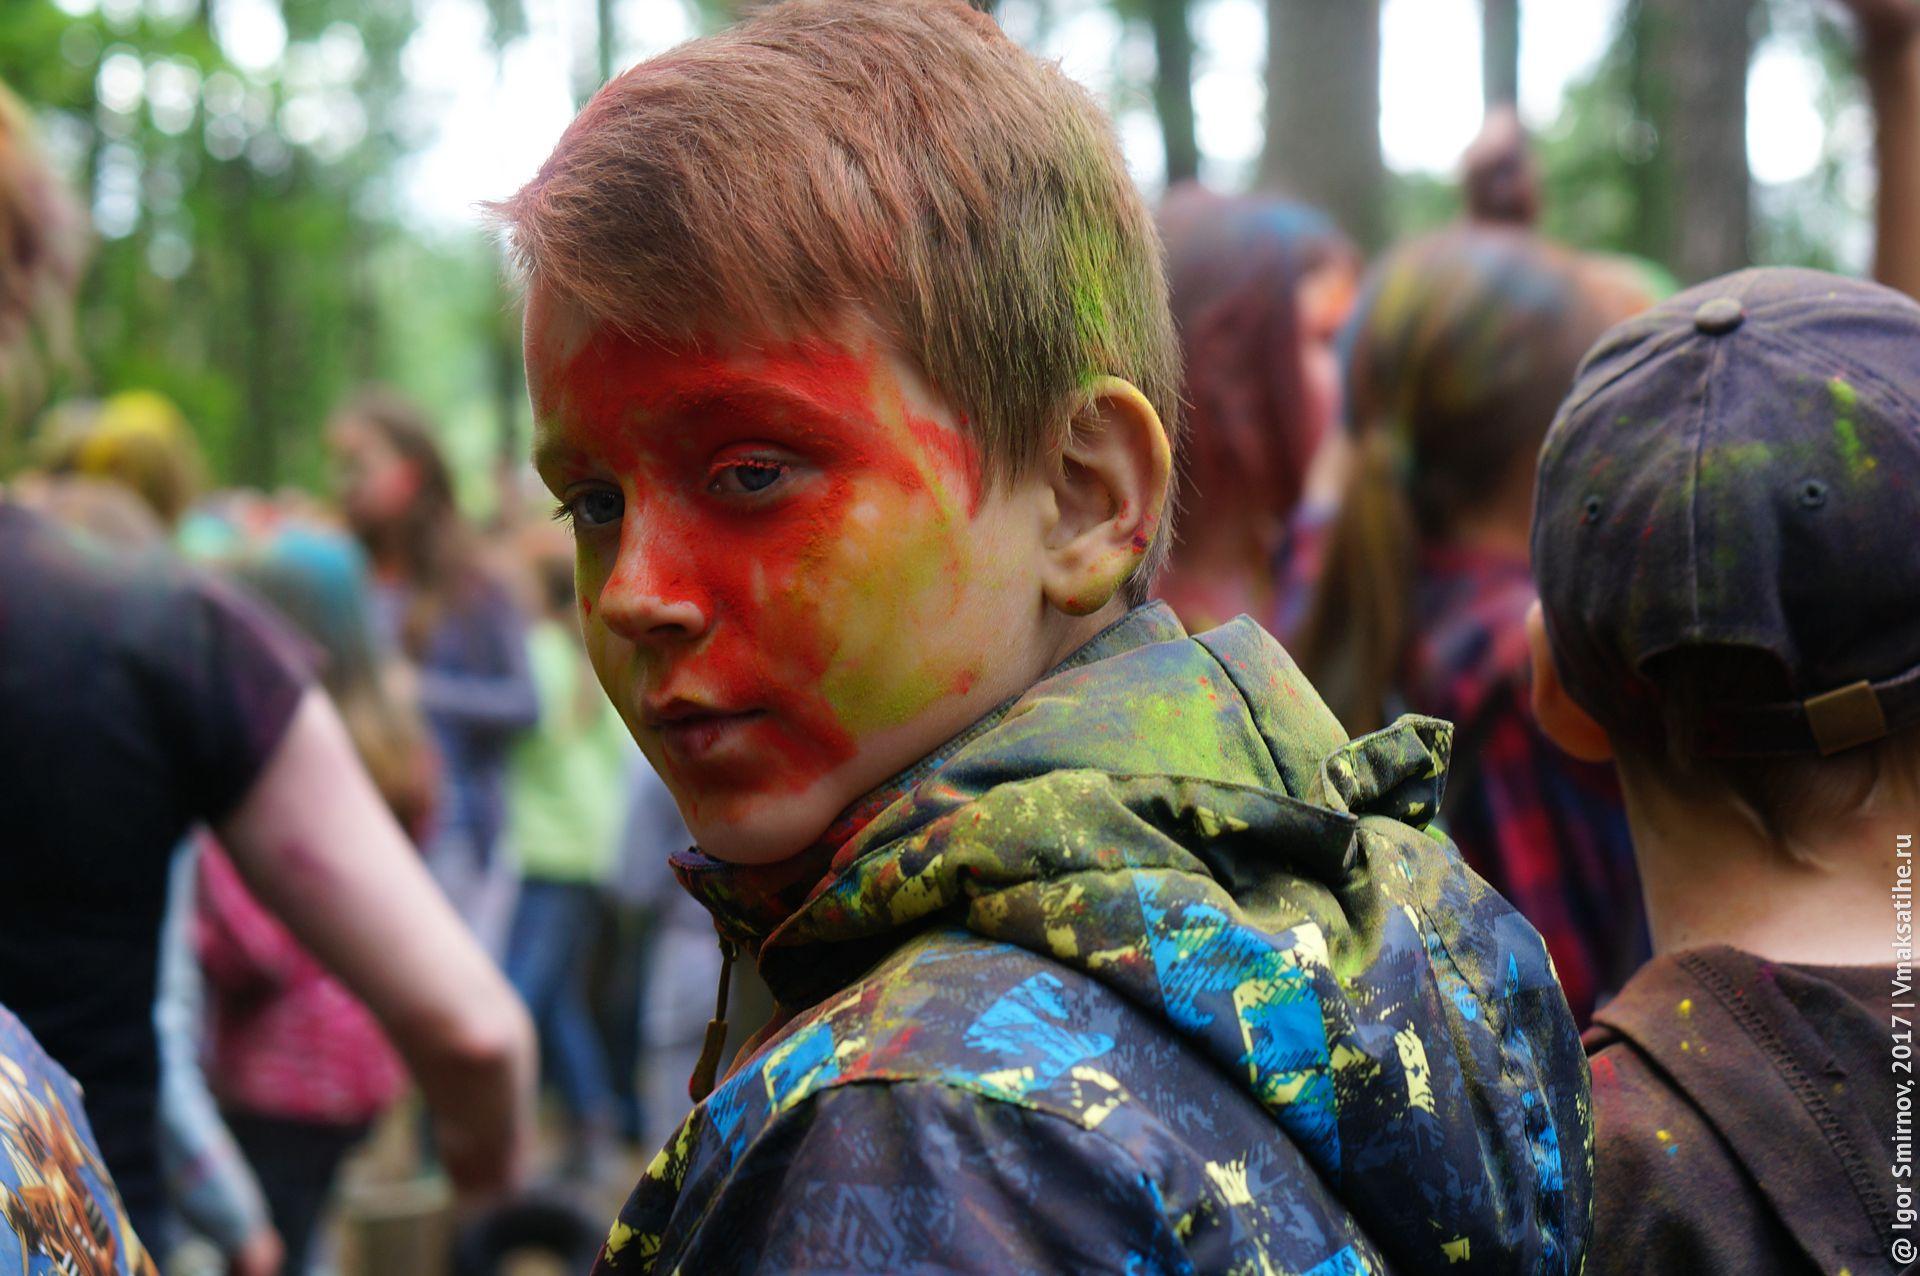 В парке посёлка Максатиха 6 июля 2017 года состоялся фестиваль красок